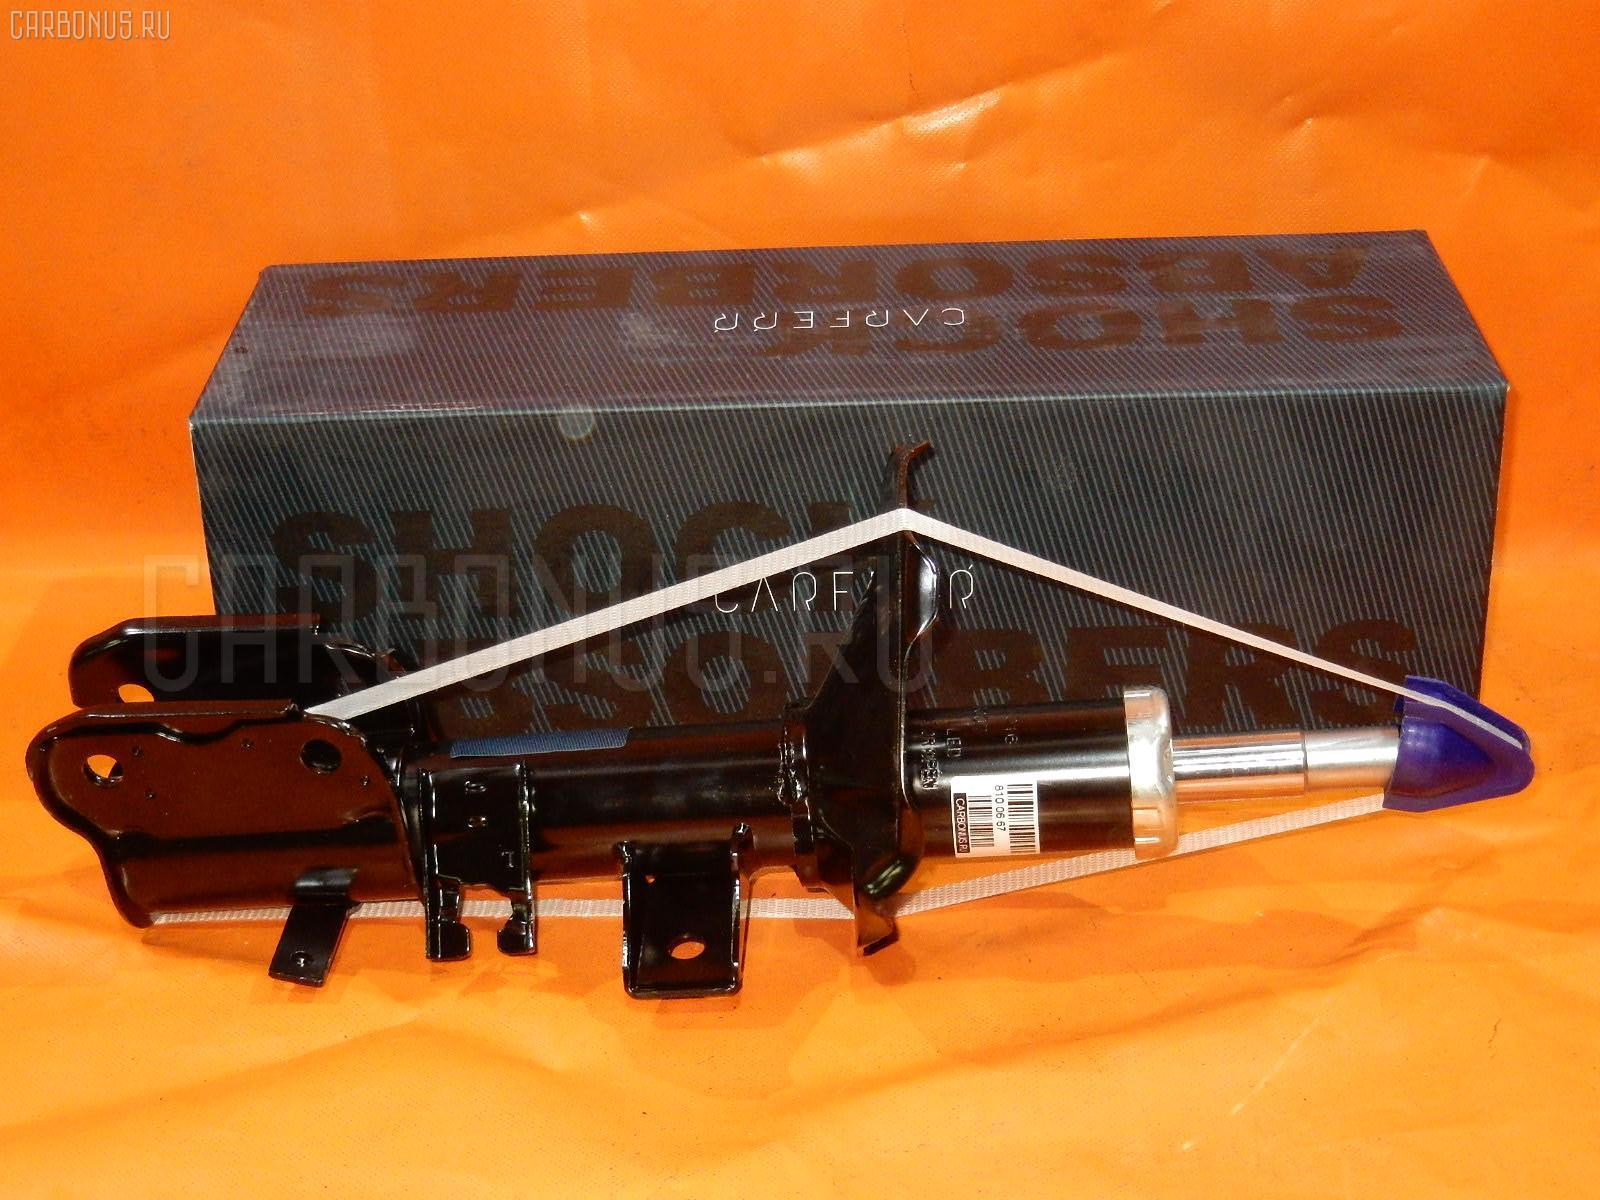 Стойка амортизатора CARFERR CR-049FL-LR50 на Nissan Terrano LR50 Фото 1